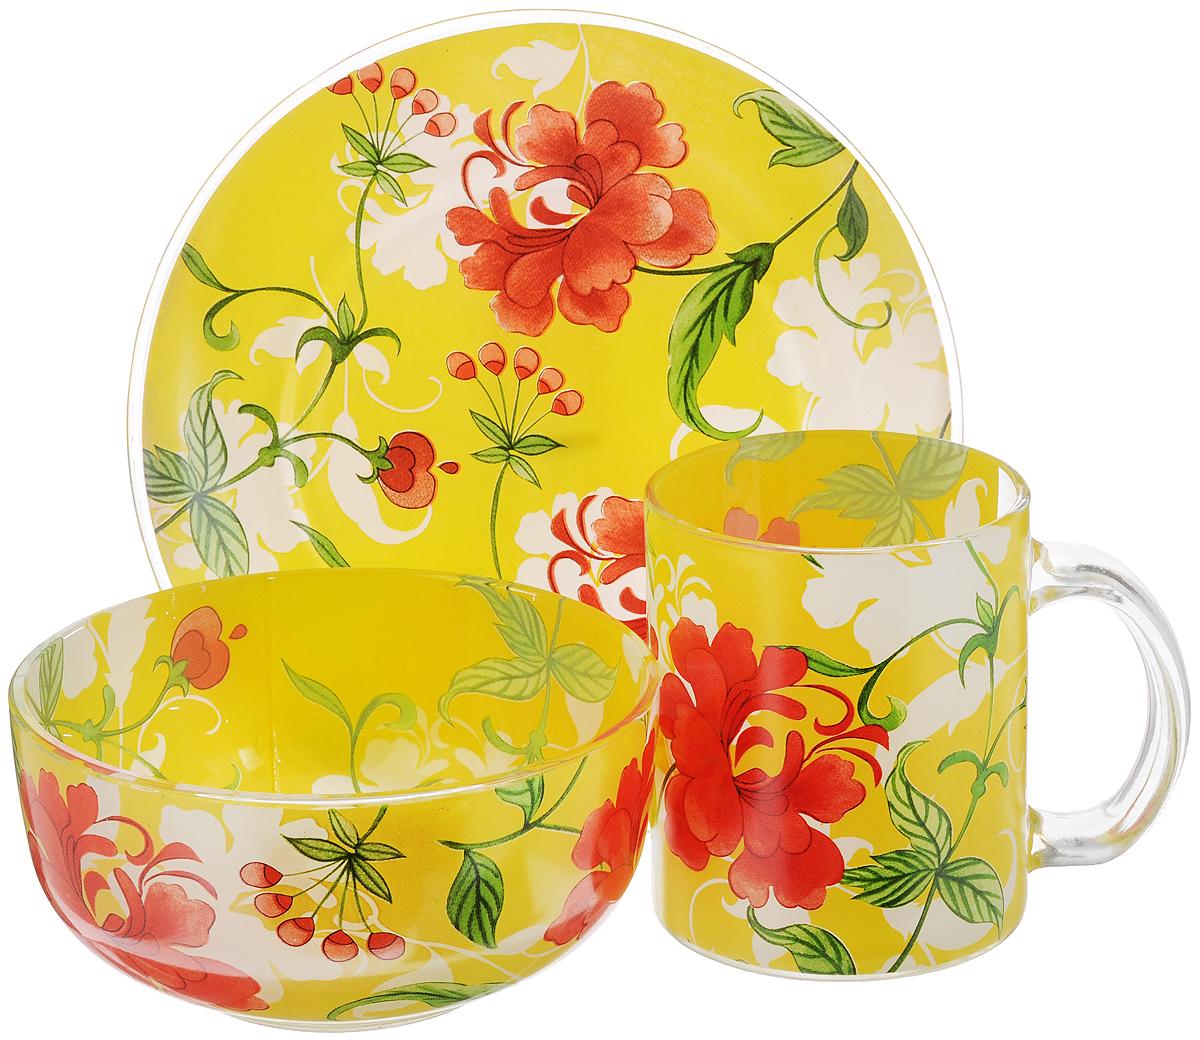 Набор для завтрака Bekker Koch, 3 предметаBK-5821Набор для завтрака Bekker Koch состоит из тарелки, салатника и кружки. Предметы набора выполнены из высококачественного жаропрочного стекла и оформлены ярким цветочным рисунком. Стильный дизайн, несомненно, придется вам по вкусу.Набор для завтрака Bekker Koch украсит ваш кухонный стол, а также станет замечательным подарком к любому празднику.Диаметр кружки (по верхнему краю): 8 см.Высота кружки: 9,5 см.Объем кружки: 350 мл.Диаметр тарелки: 18,5 см.Высота тарелки: 2 см.Диаметр салатника: 13,2 см.Высота салатника: 6,5 см.Объем салатника: 600 мл.